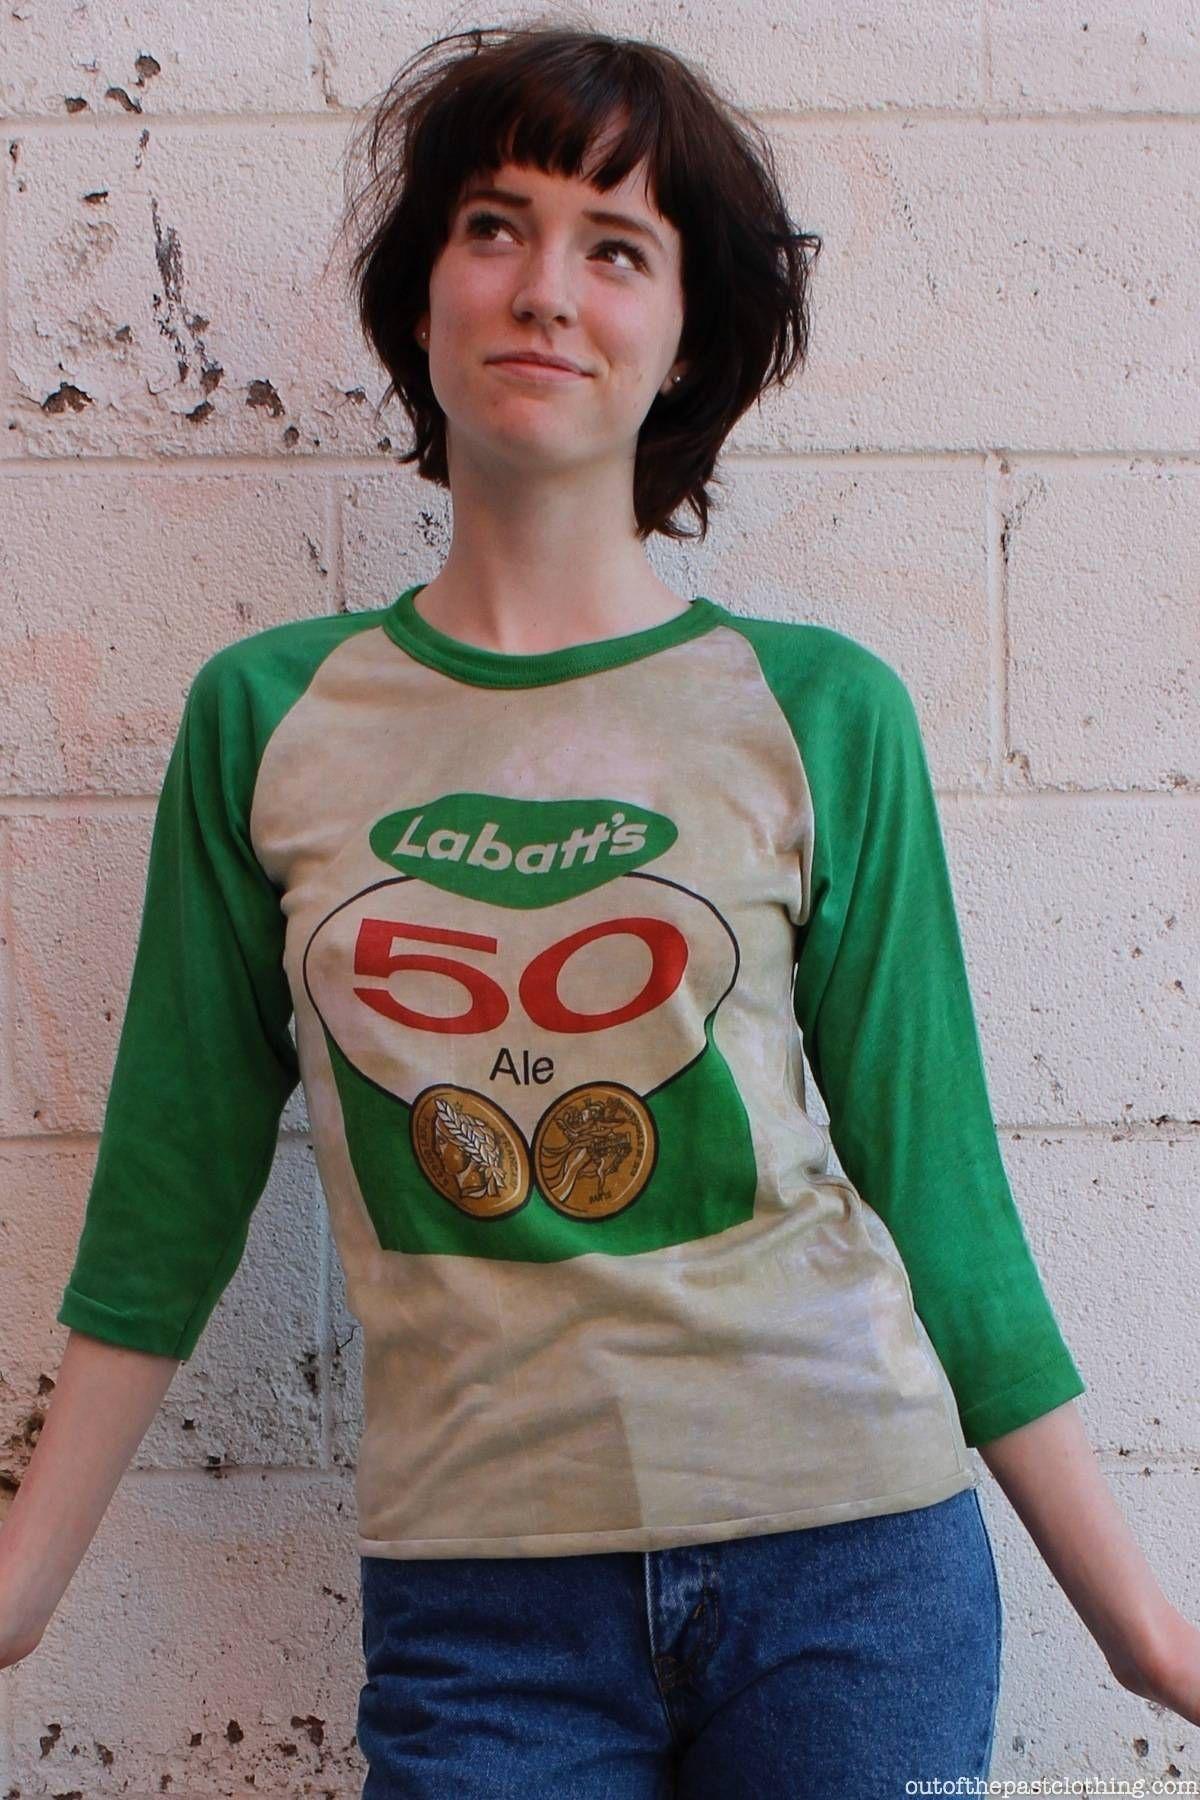 fa4499df7f4 Labatt s 50 Ale NOS 1980s T-Shirt